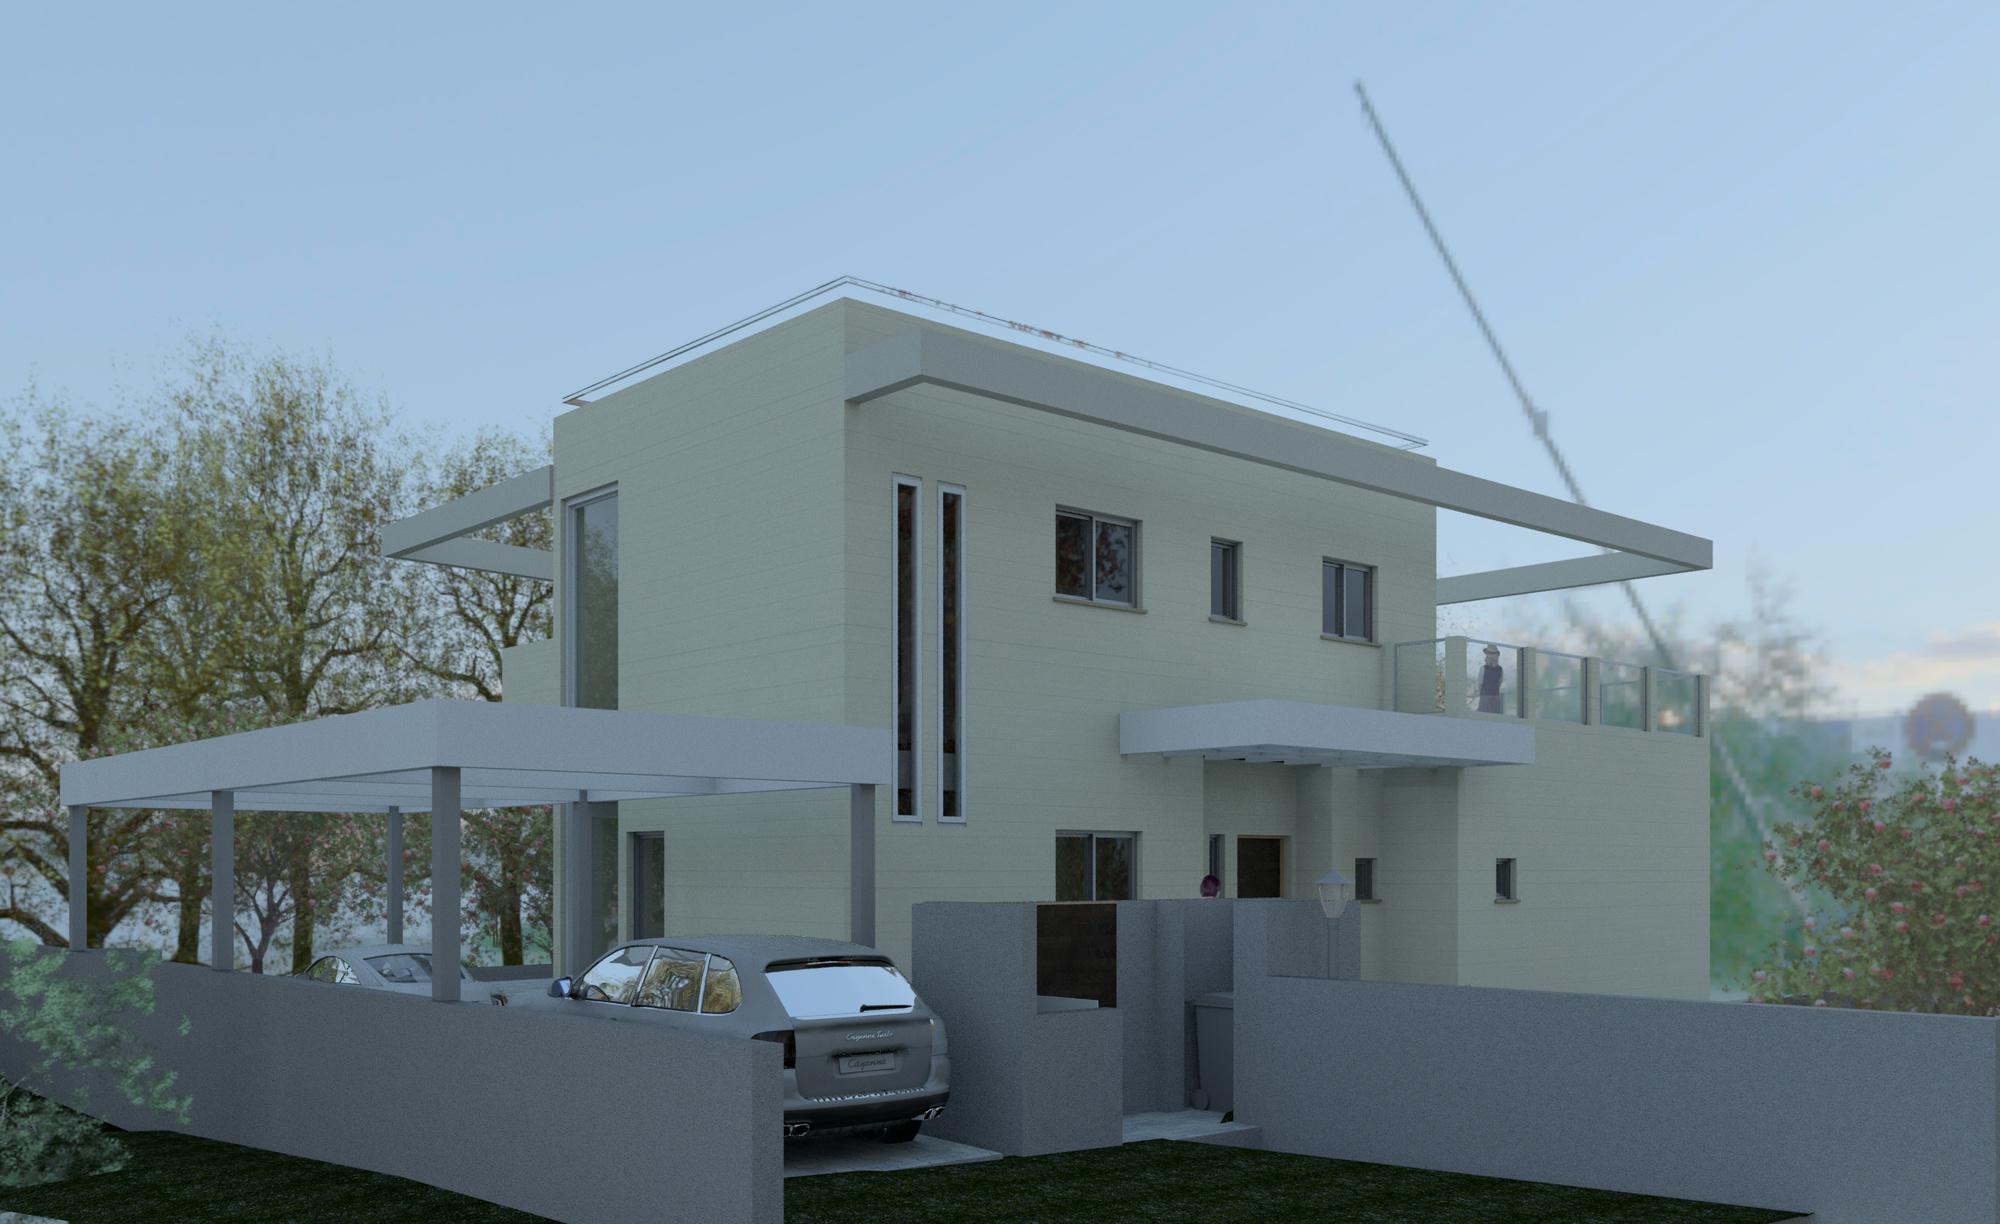 Raas-rendering20150430-31897-1d1j1qm